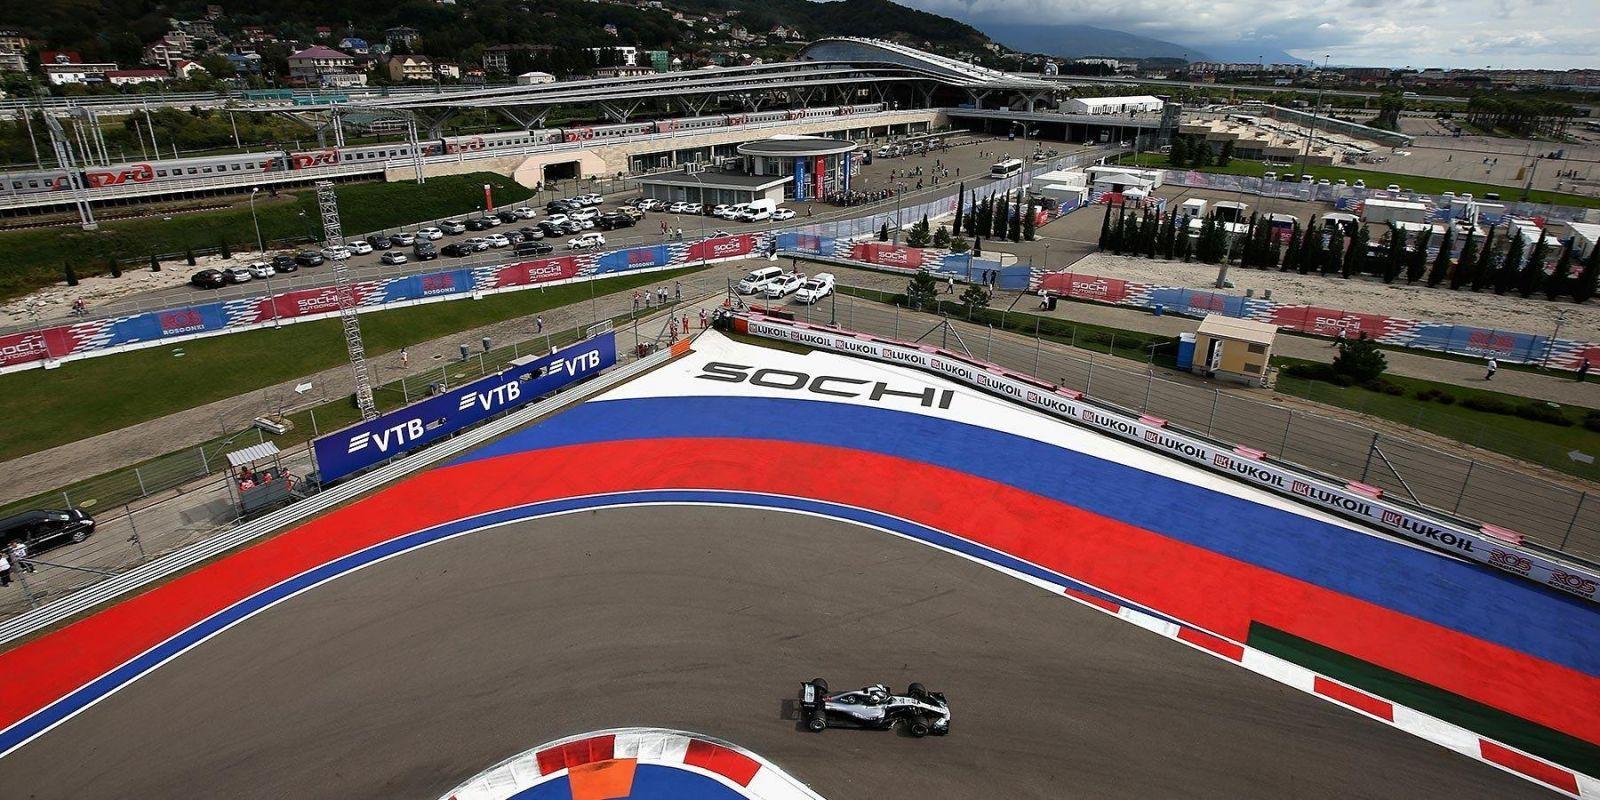 Прямая трансляция F1: как смотреть Гран-При Формулы-1 в прямом эфире (8459e896f2156cab8bad96b21fcce84a5bae810d5703f709313330)